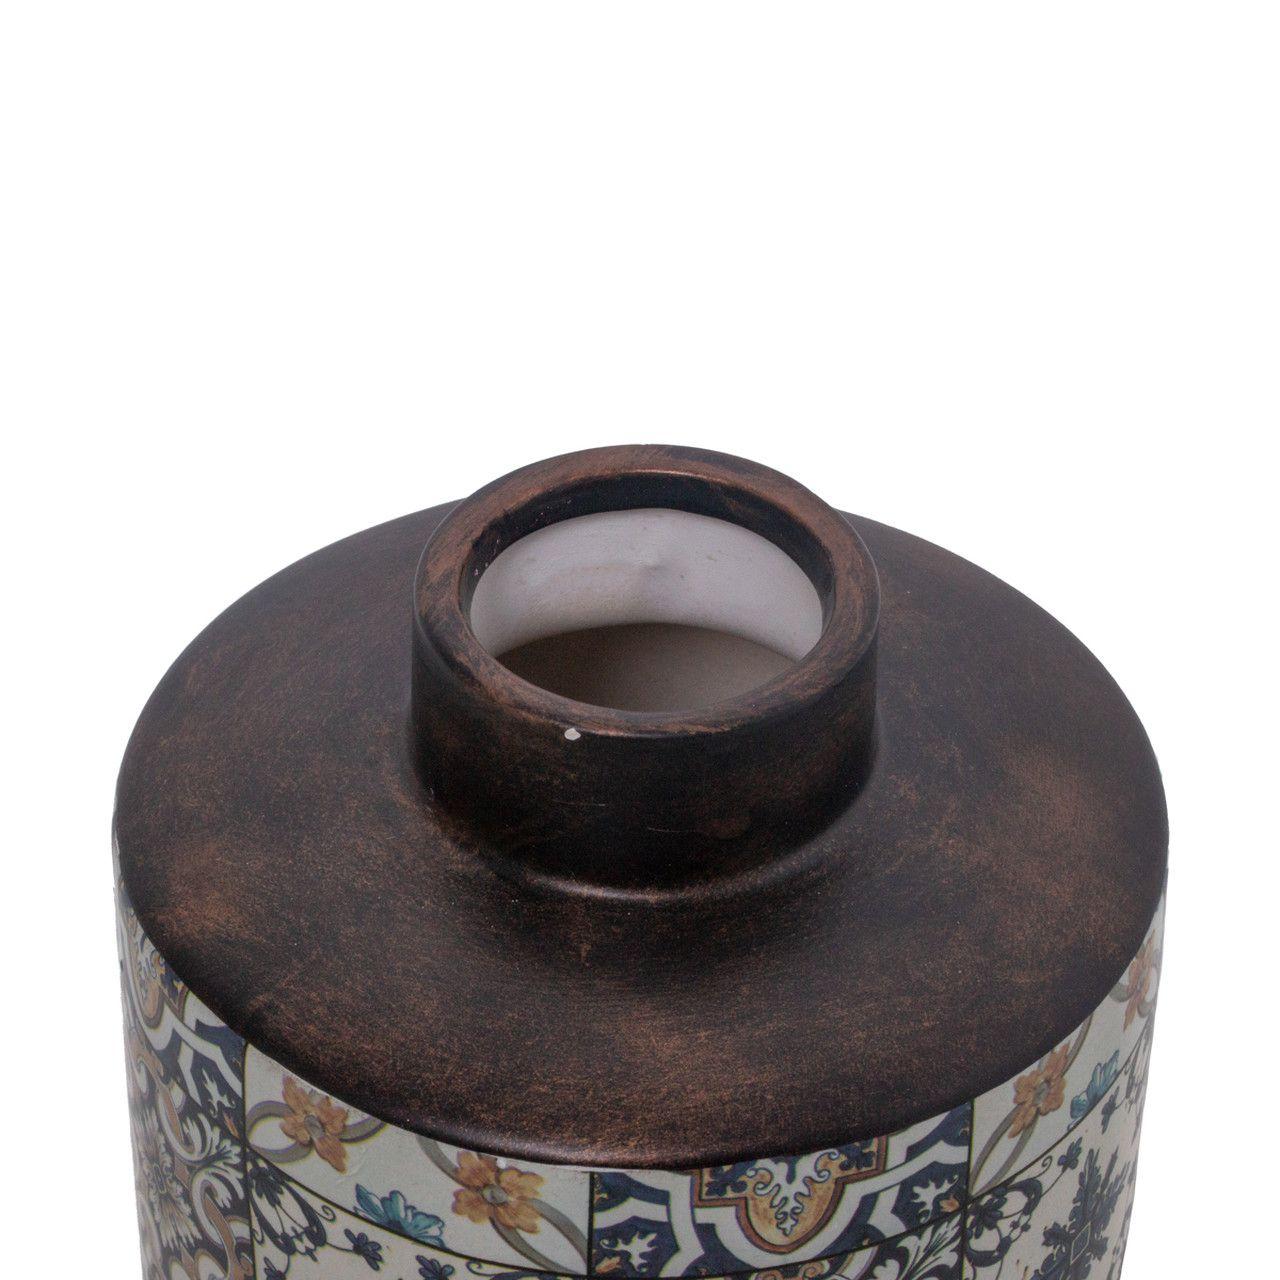 Potiche Decorativo Cerâmica Decorado 13x26cm